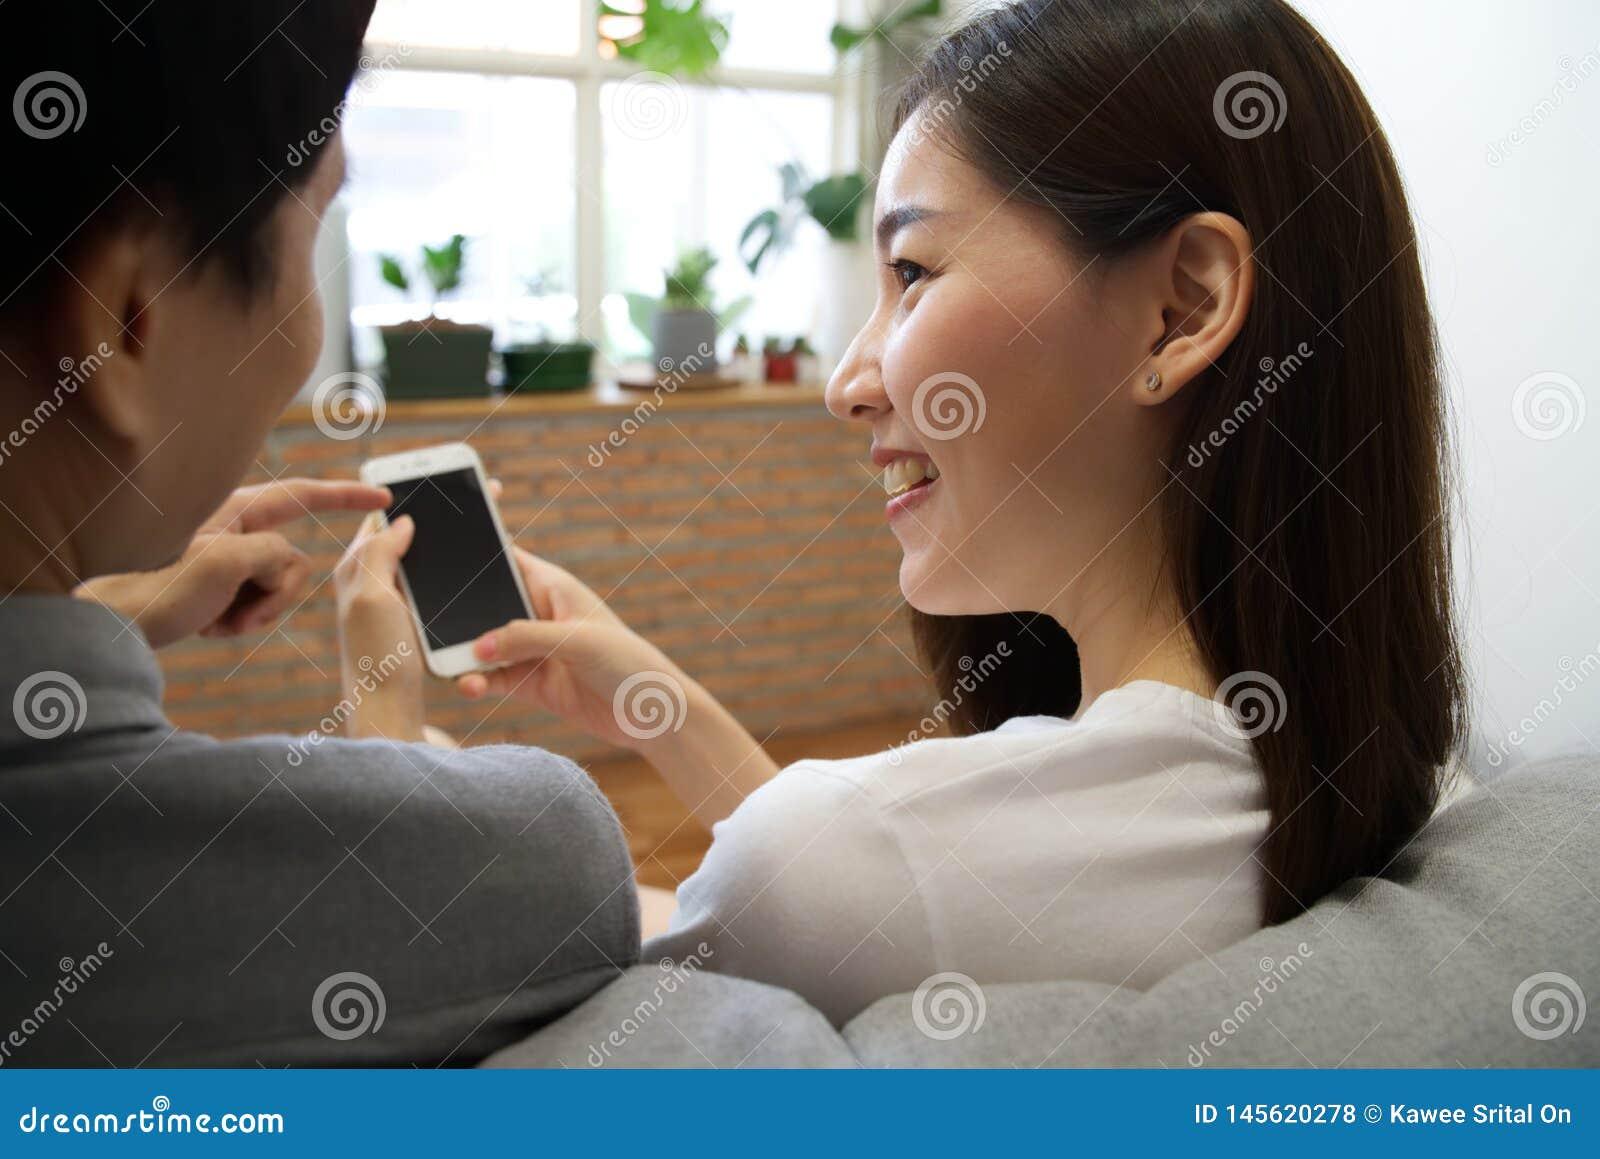 年轻亚洲夫妇坐沙发看手机